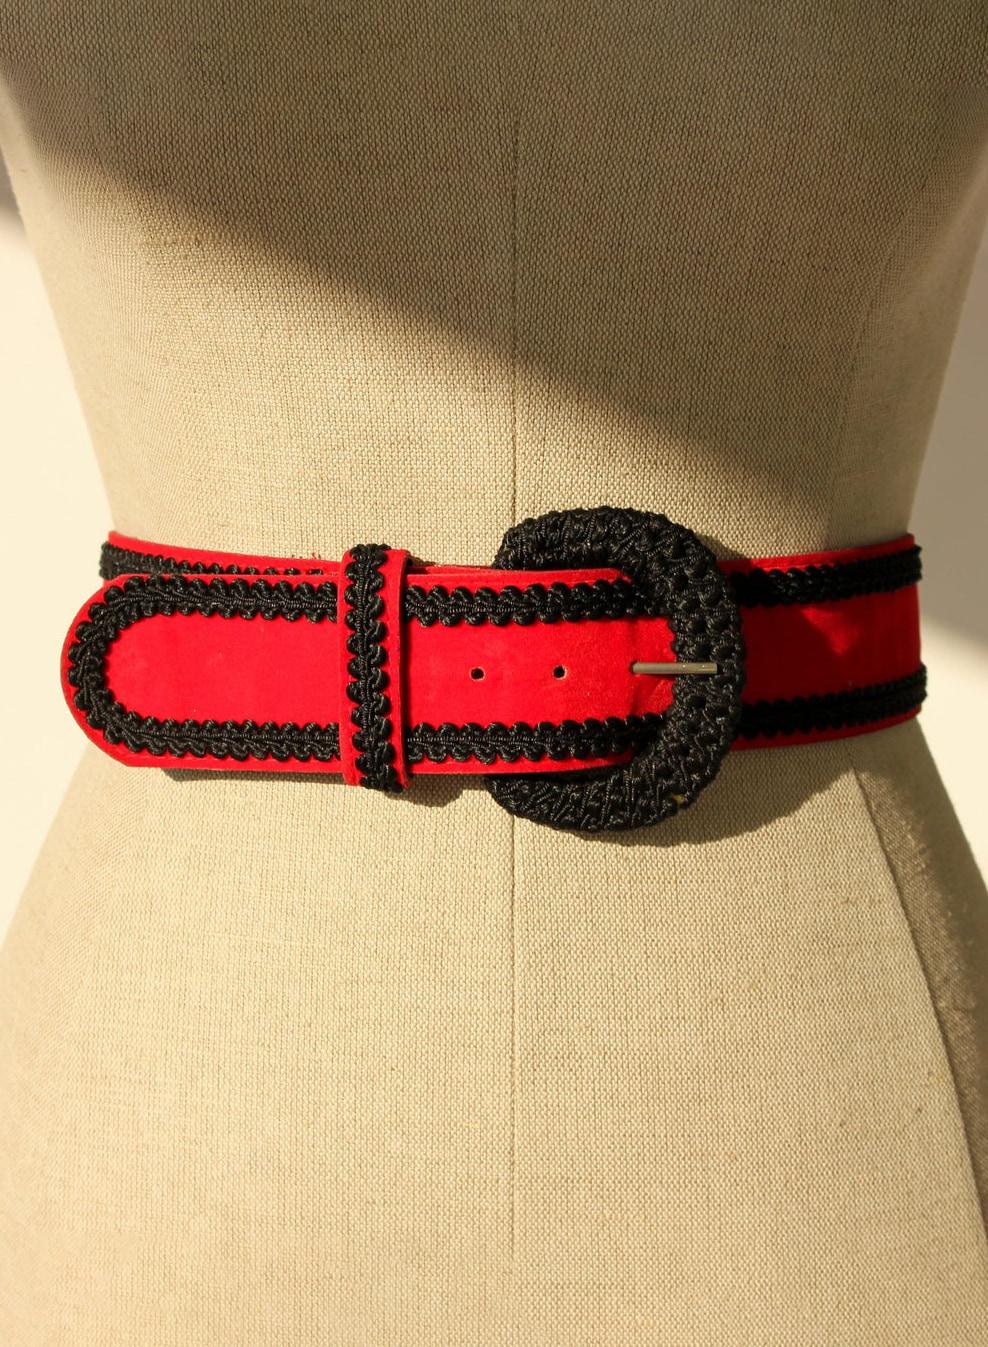 Vintage 80s 90s Red Velvet Belt with Black Braided Trim | Western, Prairie, Bohemian, Boho | 1980s 1990s Designer Velvet Waist Belt